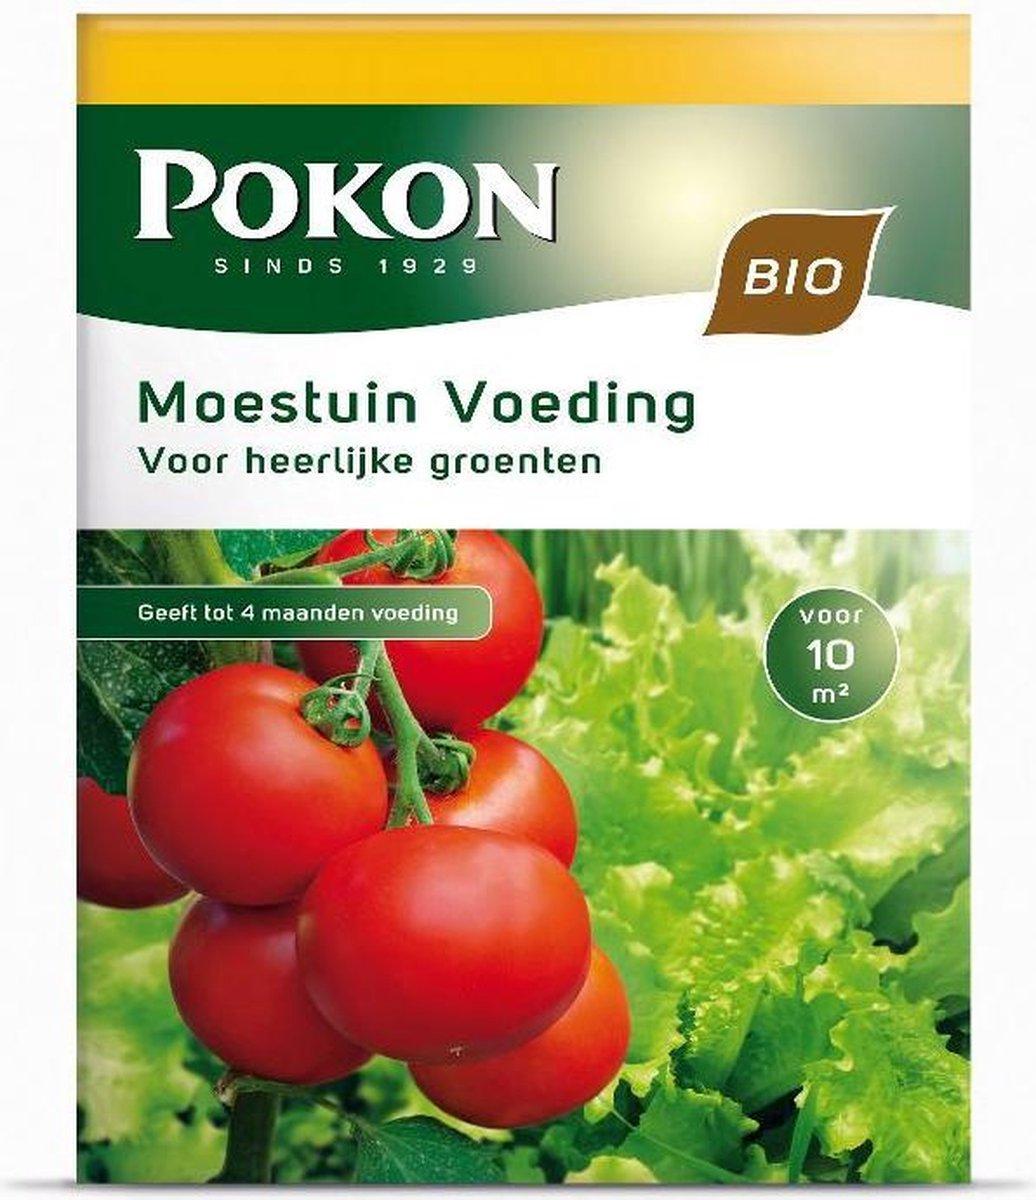 Pokon Moestuin Voeding Bio - 1kg